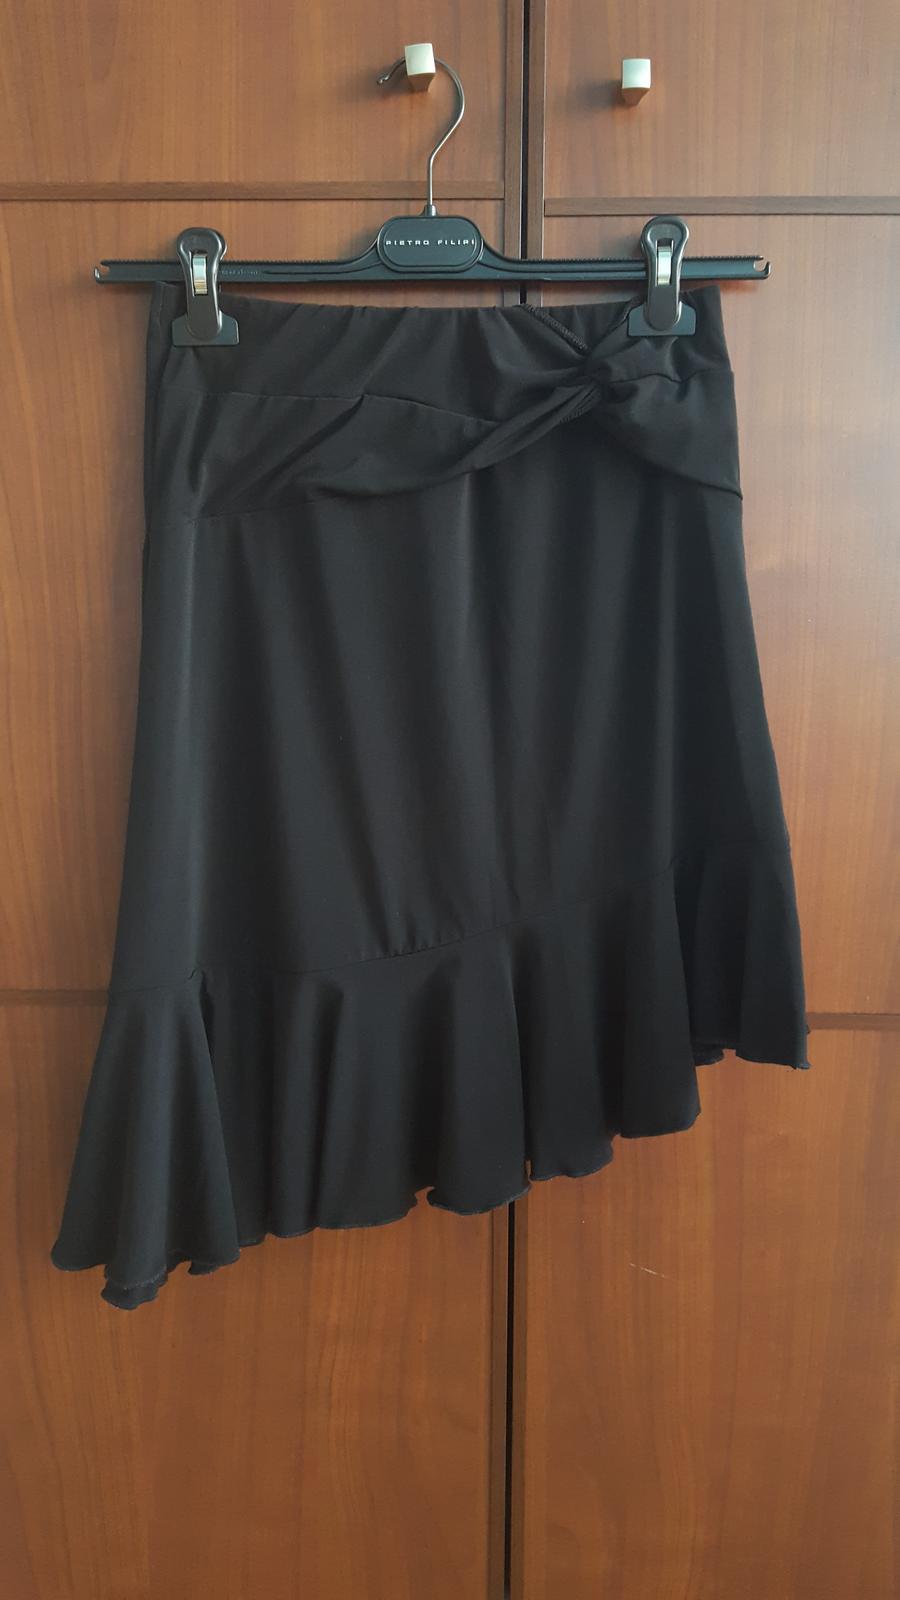 Společenská černá sukně C&A - Obrázek č. 1